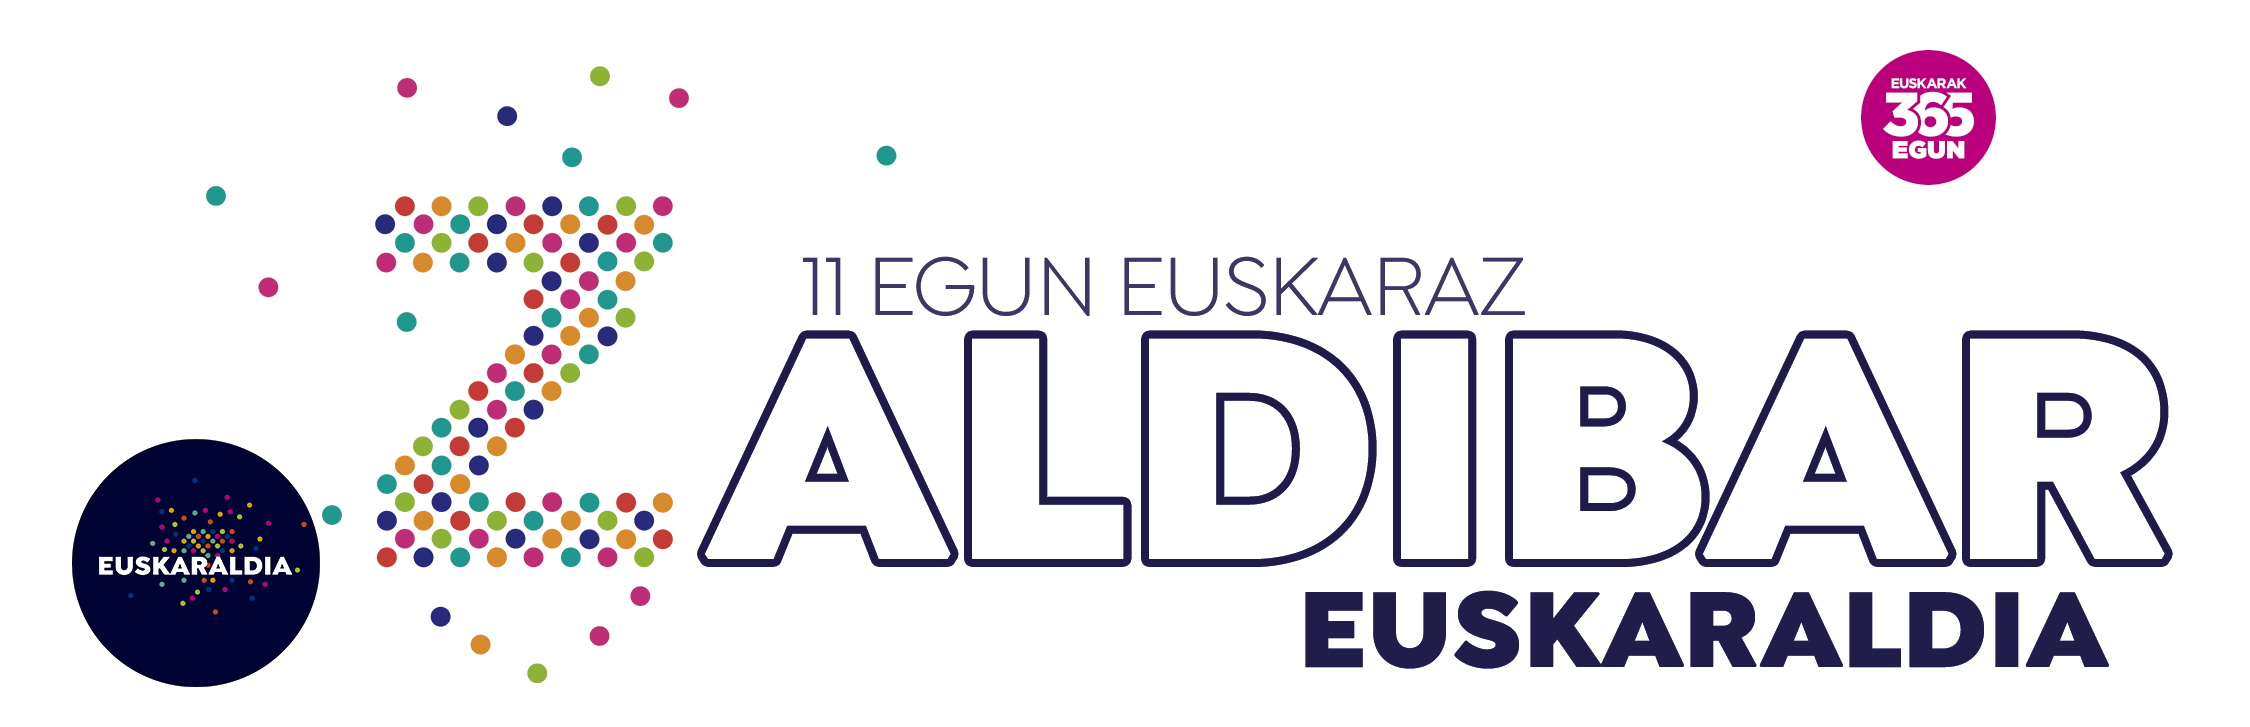 Zaldibar